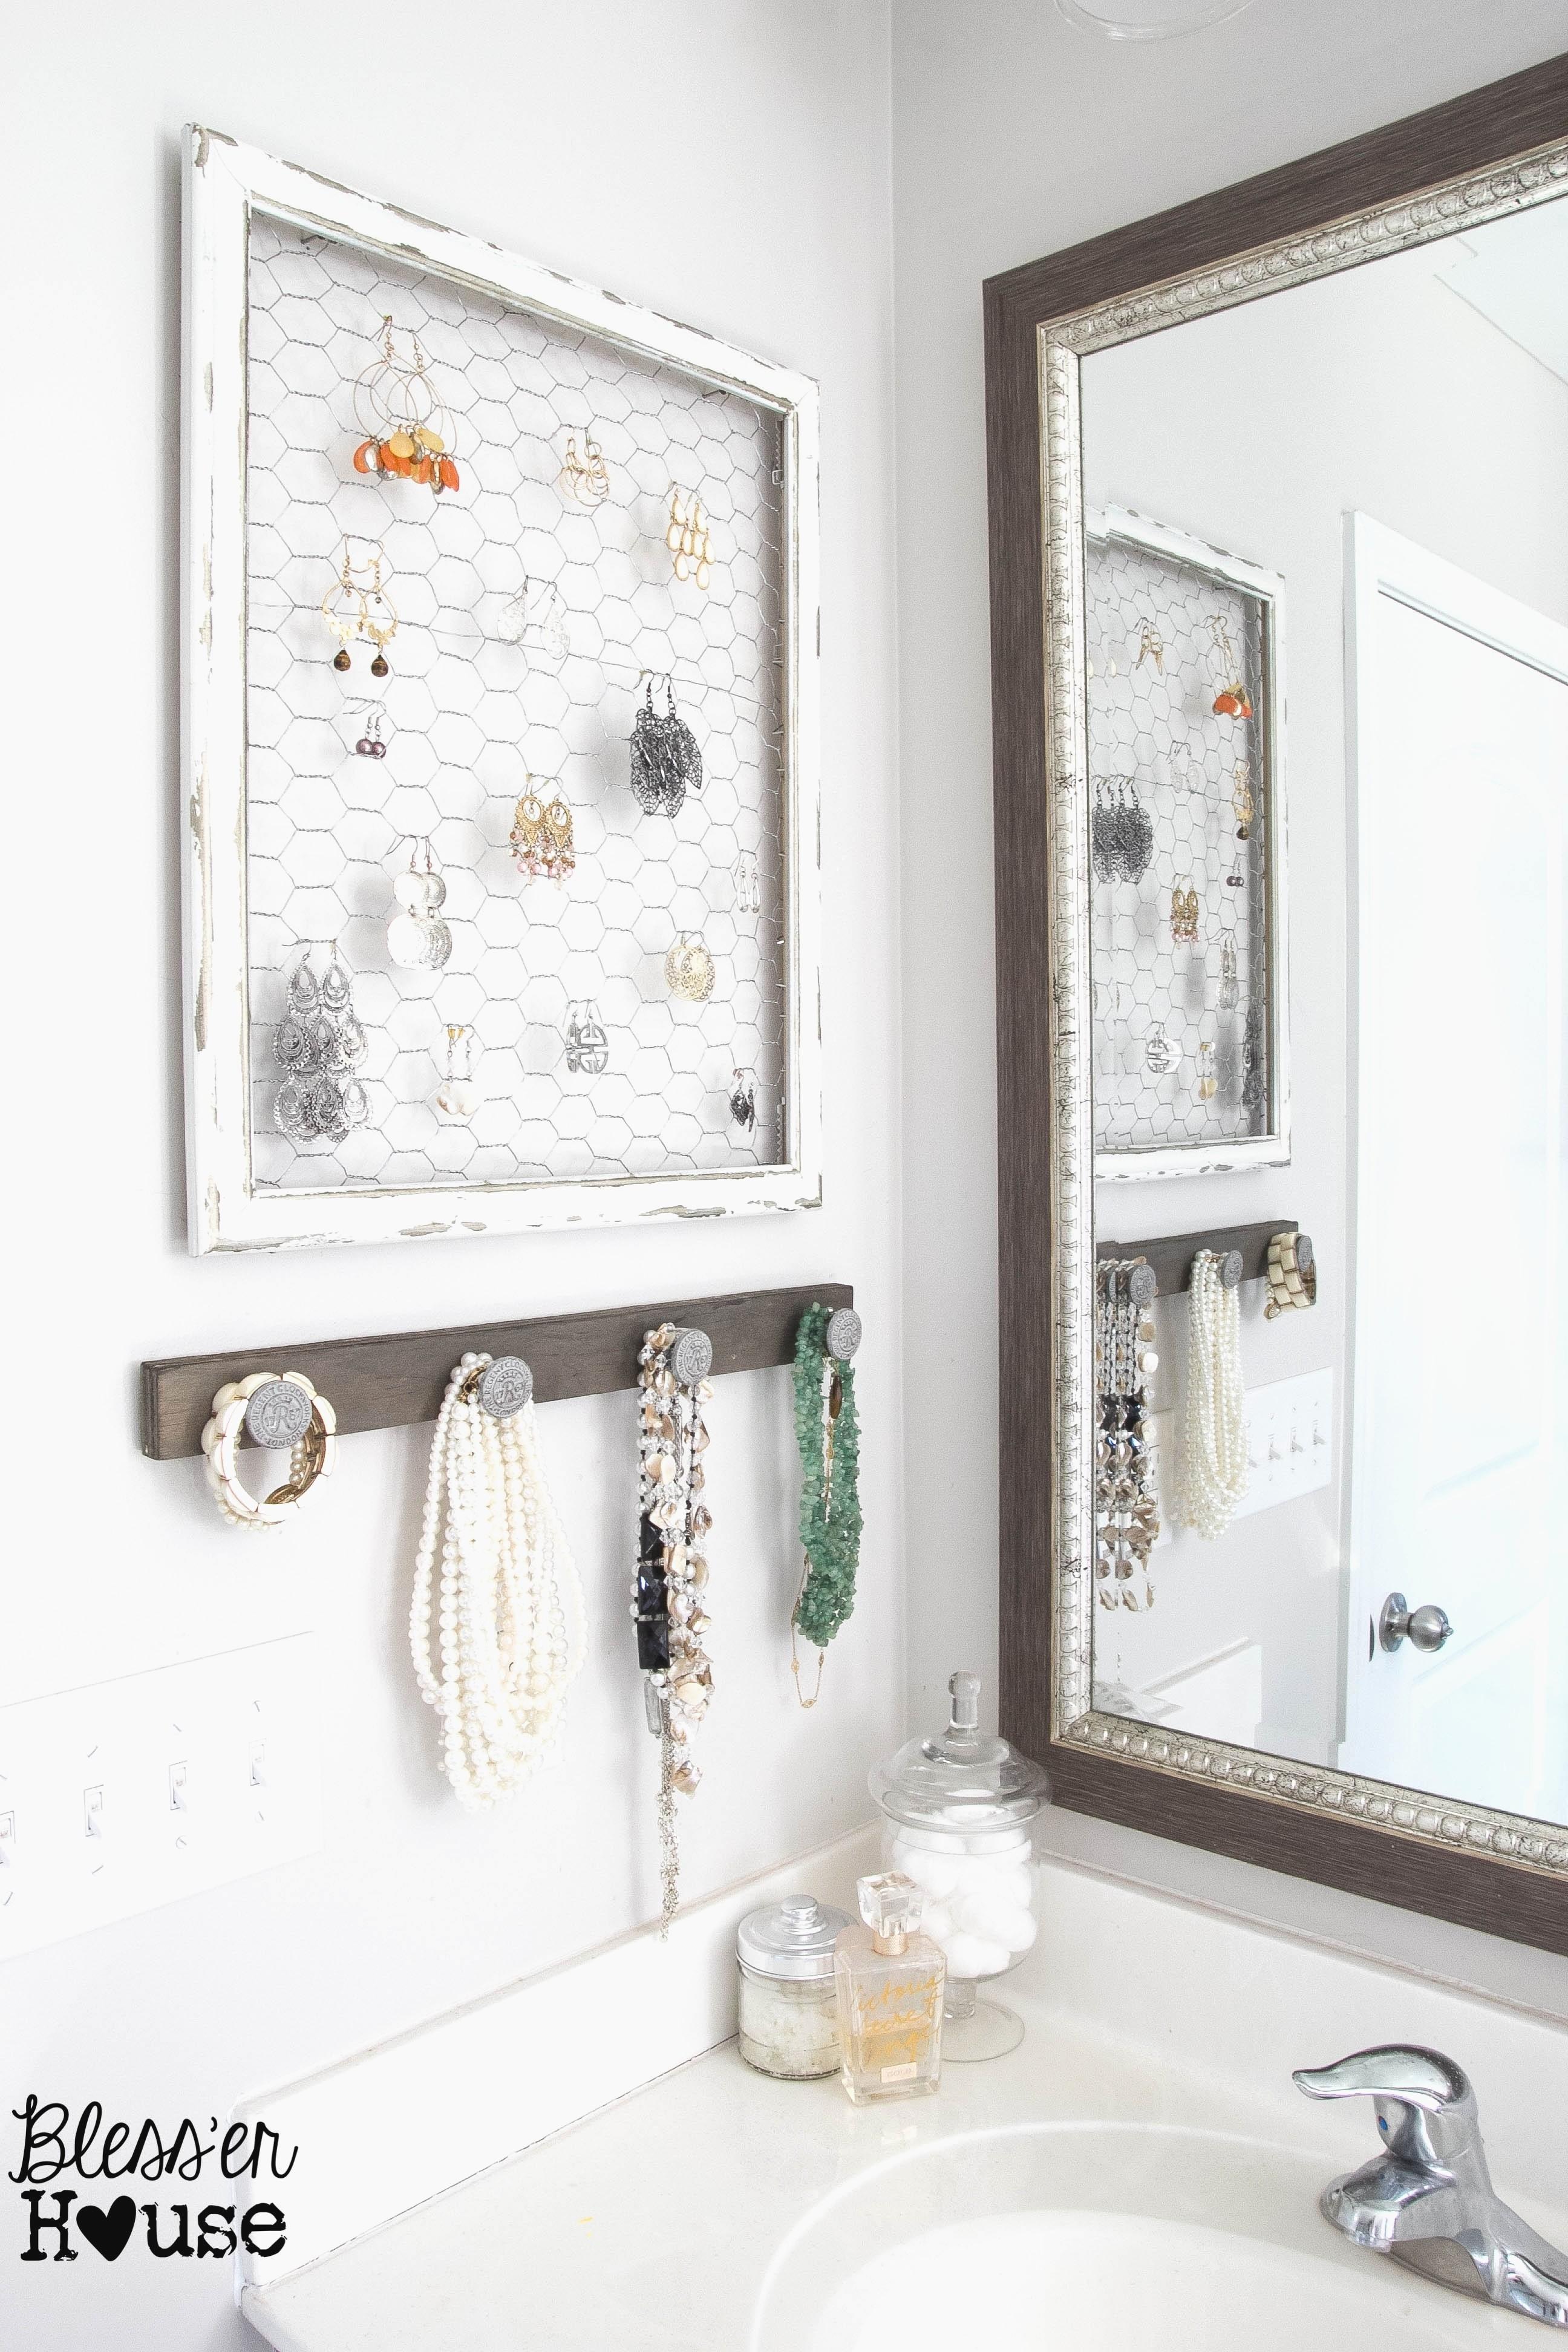 Luxury Bathroom Wall Decor Portrait - Bathroom Design Ideas Gallery ...